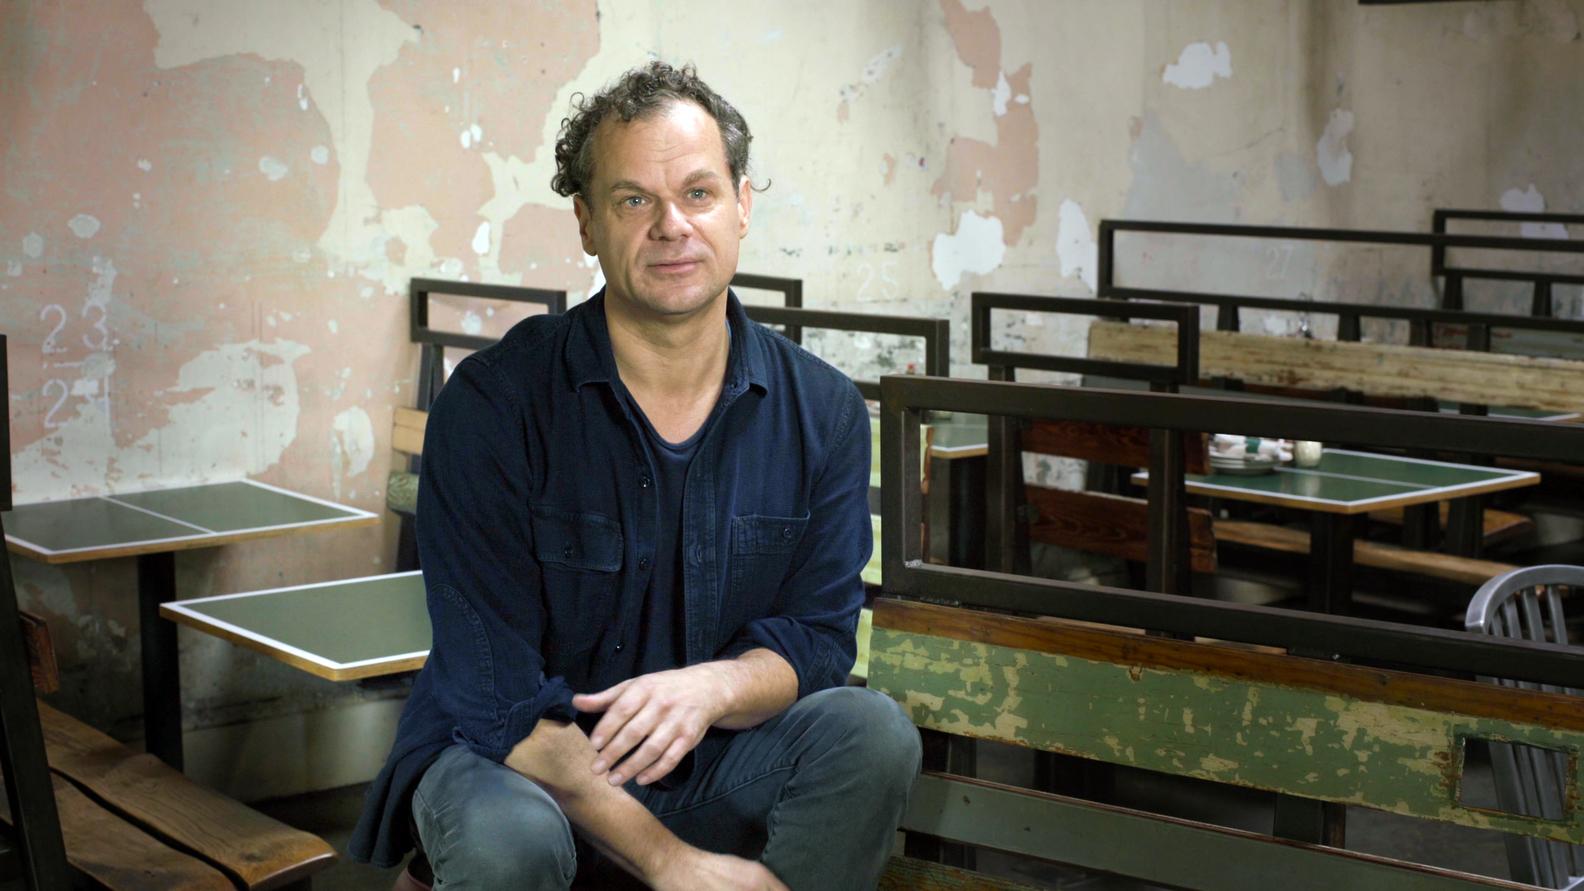 James Alefantis, Owner of Comet Ping Pong